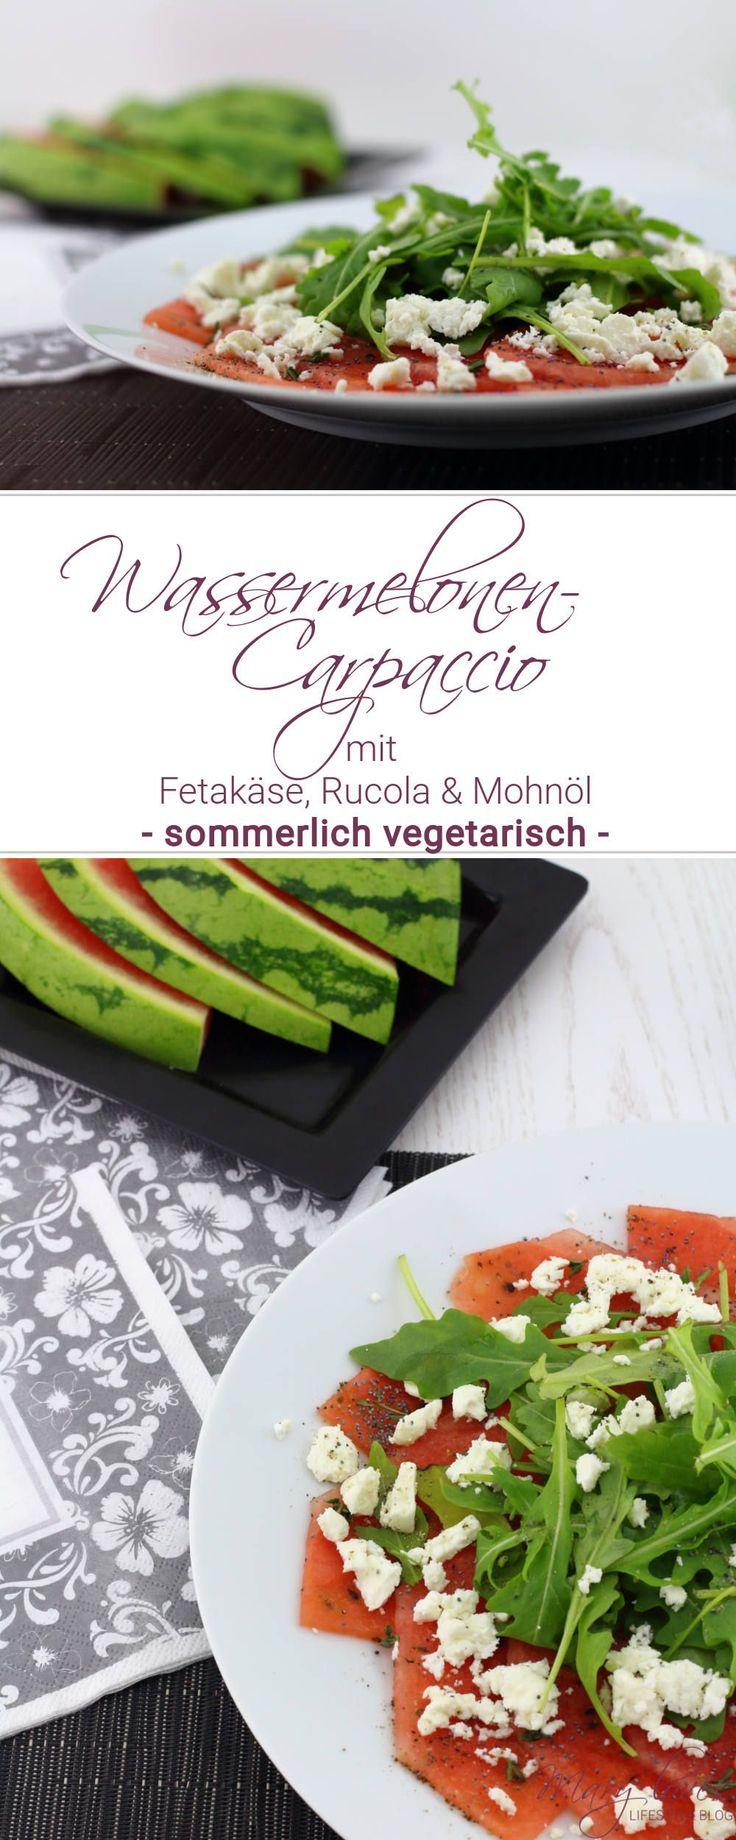 Wassermelonen-Carpaccio mit Fetakäse, Rucola und Mohnöl als sommerliche vegetarische Vorspeise - Rezept für eine Sommer-Vorspeise mit Wassermelone und Feta